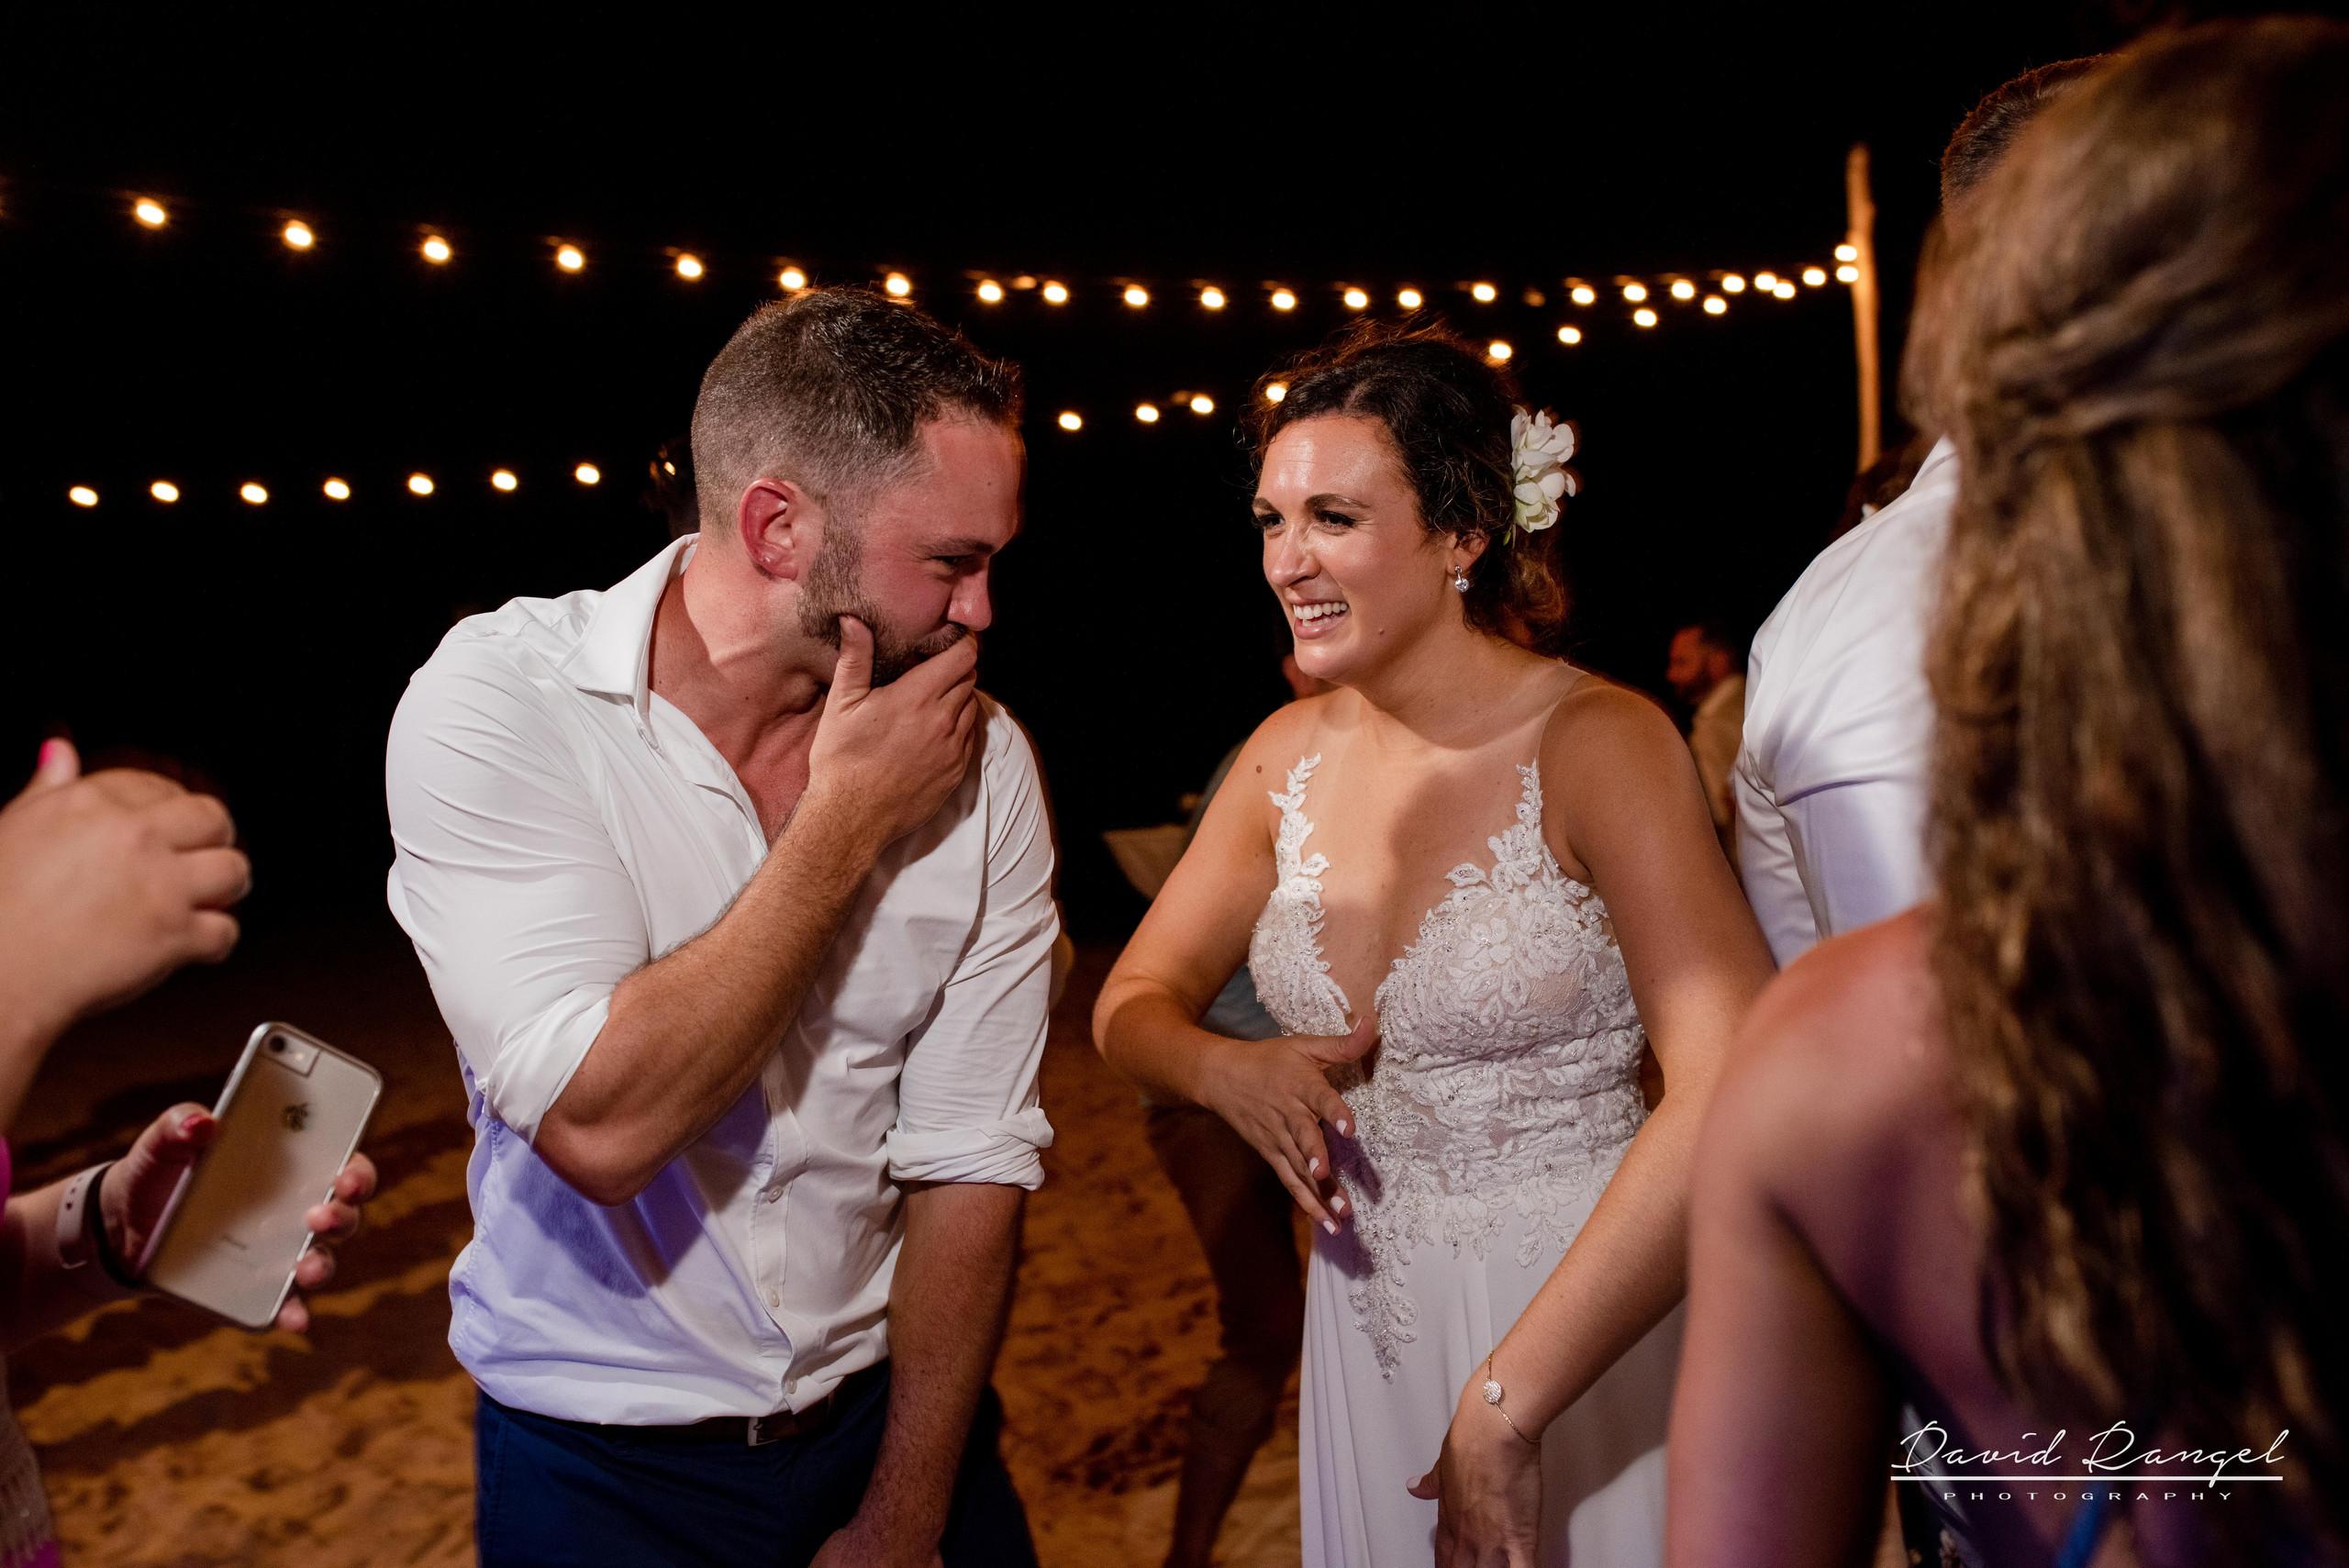 wedding+dance+party+guest+happy+reception+bride+groom